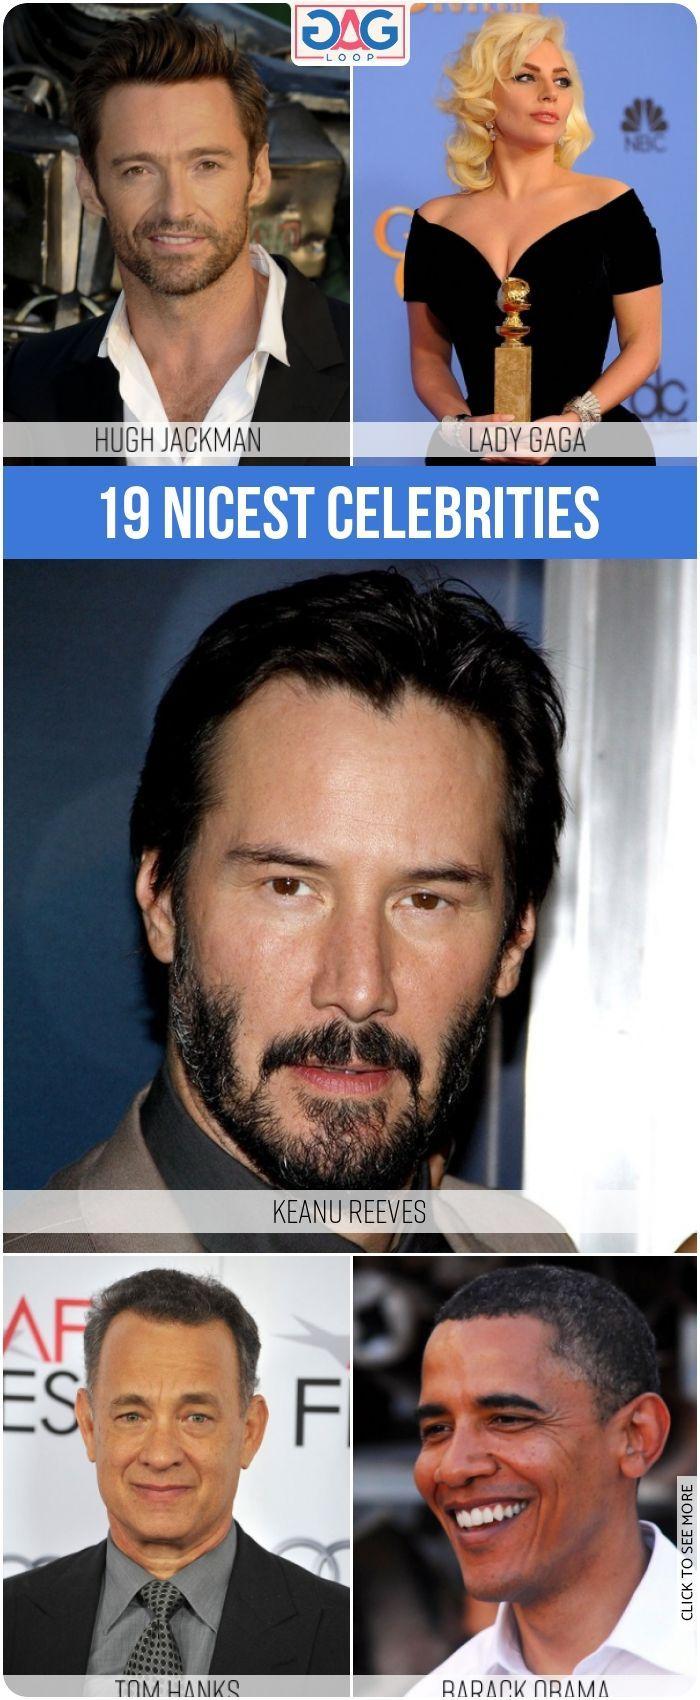 19 Nicest Celebrities In Hollywood Nice Celebrities Gagloop Hugh Jackman Lady Gaga Keanu Reeves Celebrities Jackman Keanu Reeves